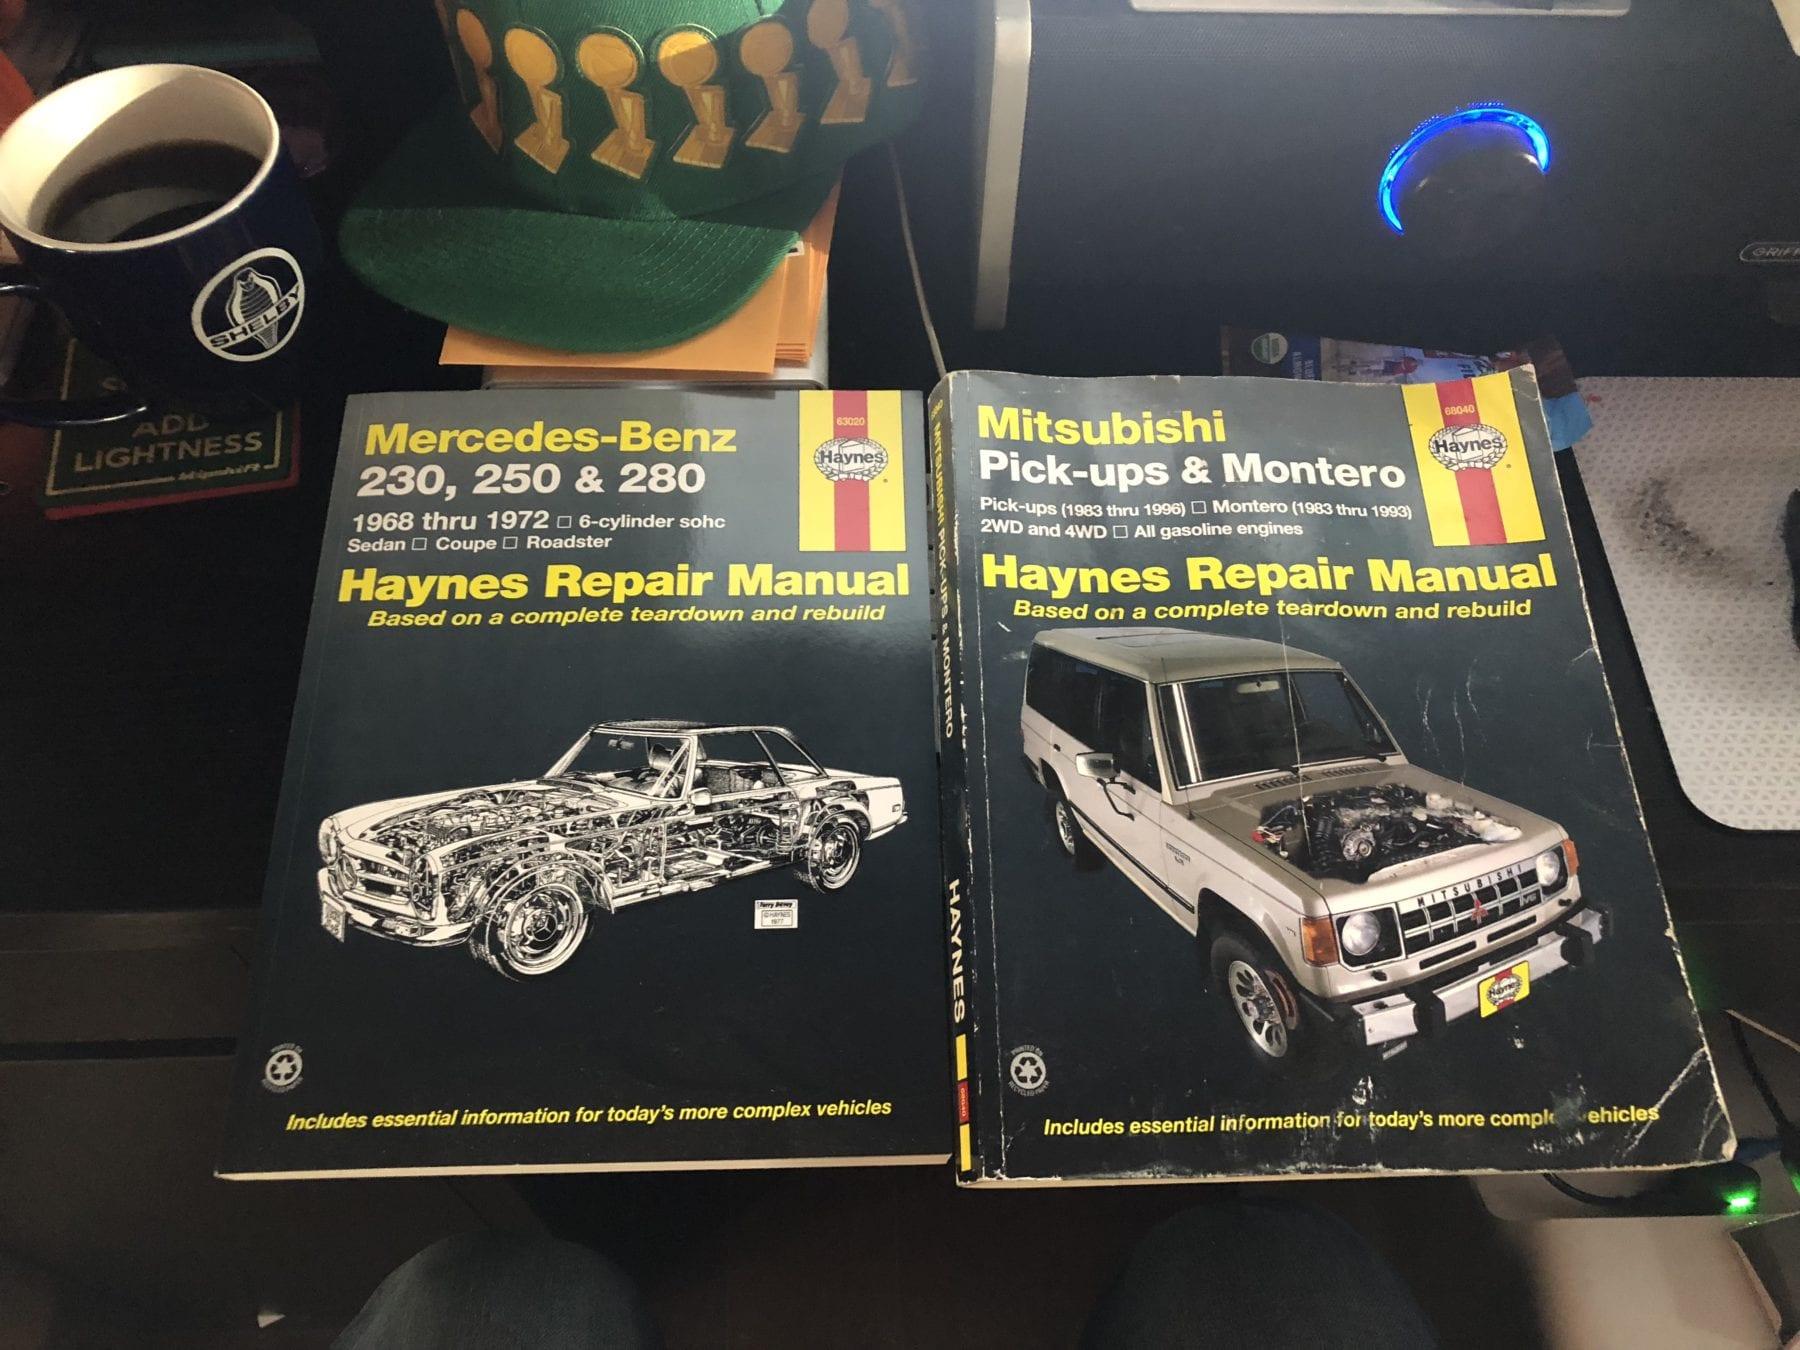 Mercedes-Benz and Mitsubishi Haynes Manuals